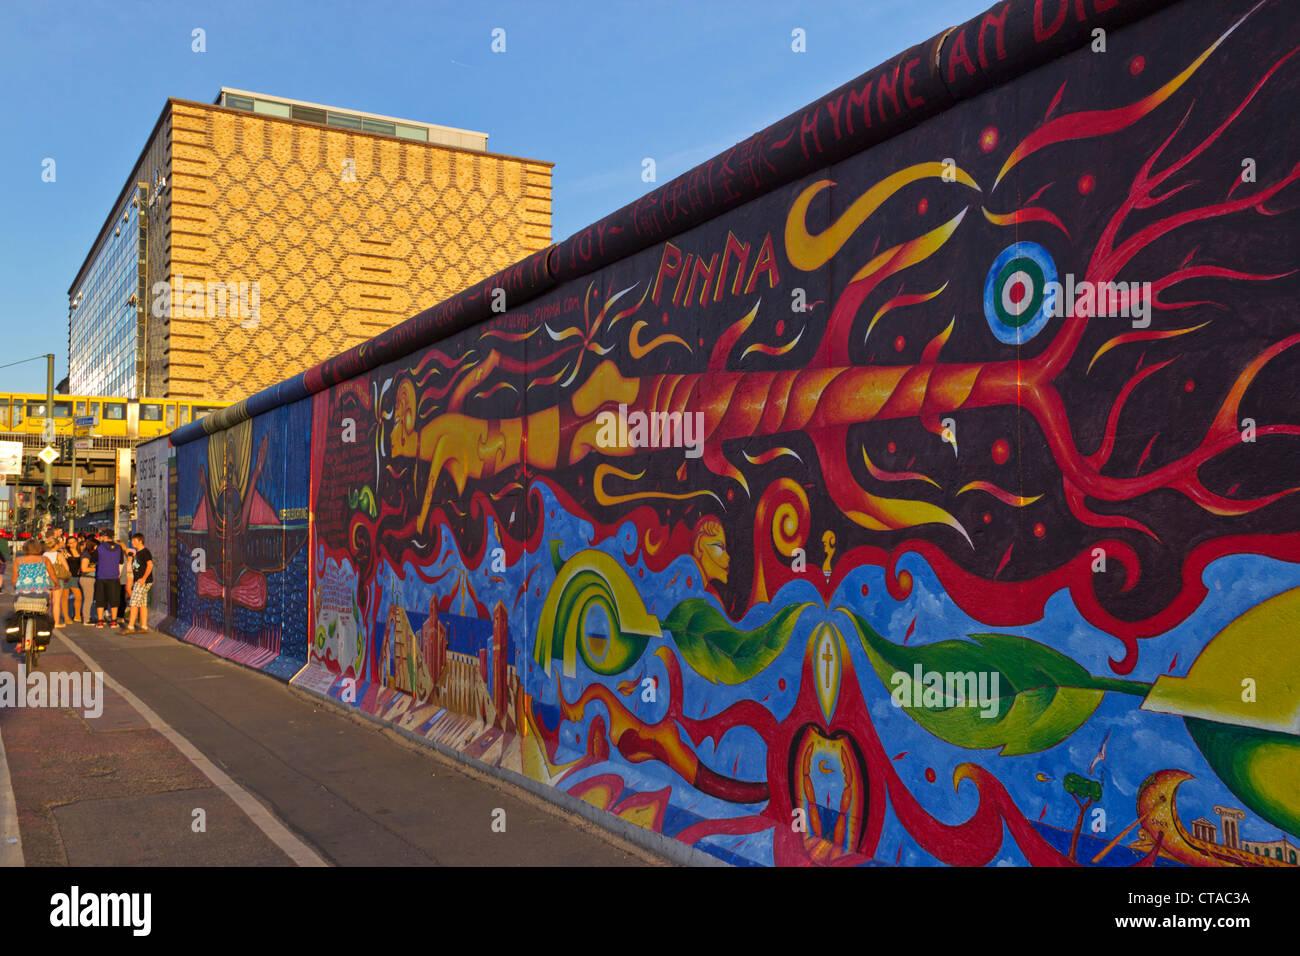 Mural de Berlín, East Side Gallery, Berlín, Alemania, Europa Imagen De Stock